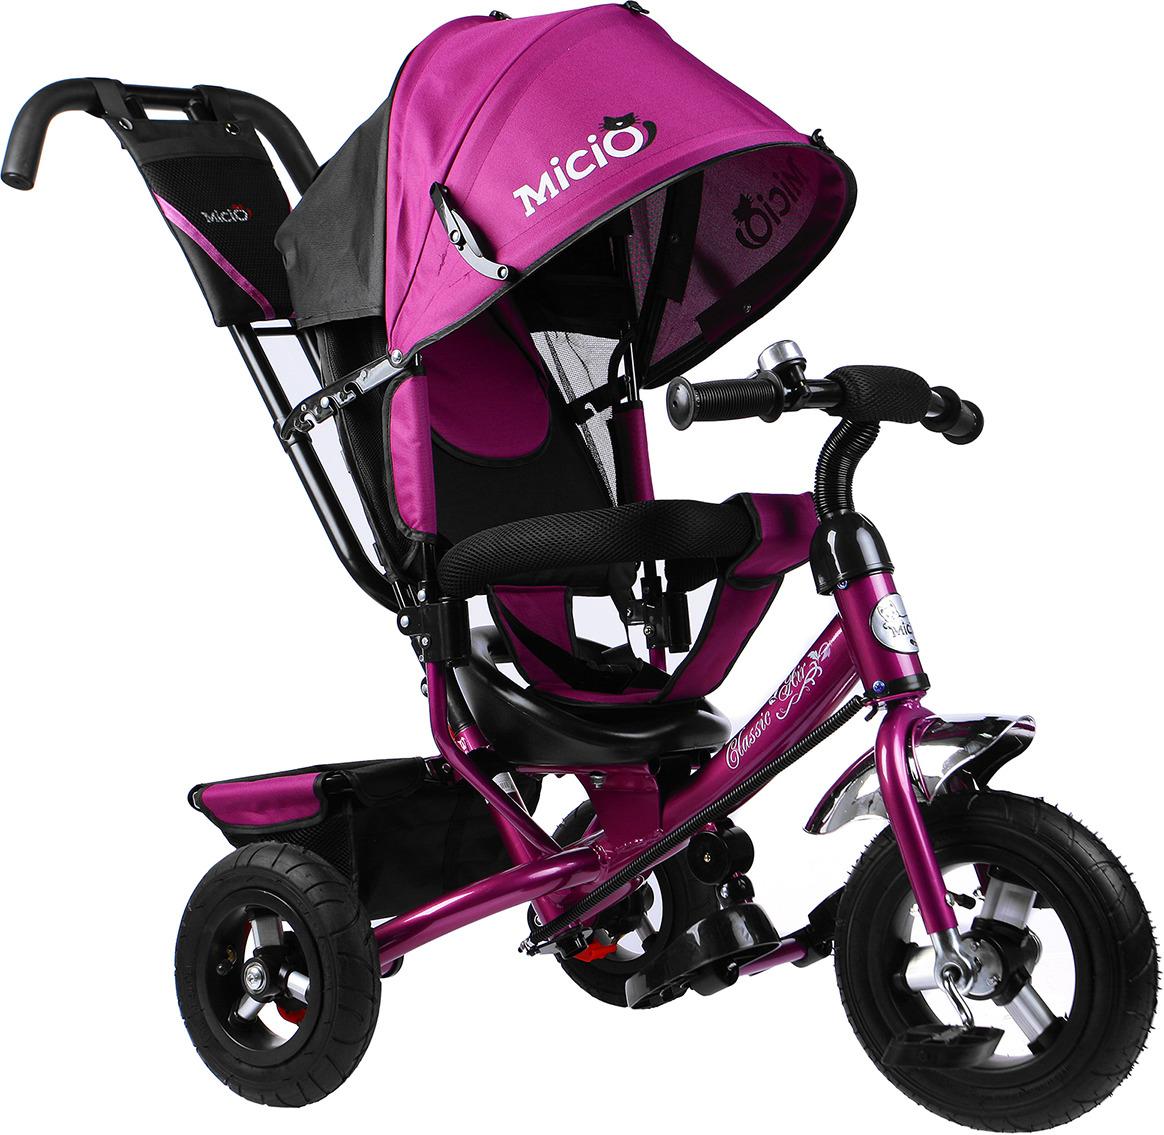 Велосипед трехколесный детский Micio Classic Air 2019, 3871492, сливовый